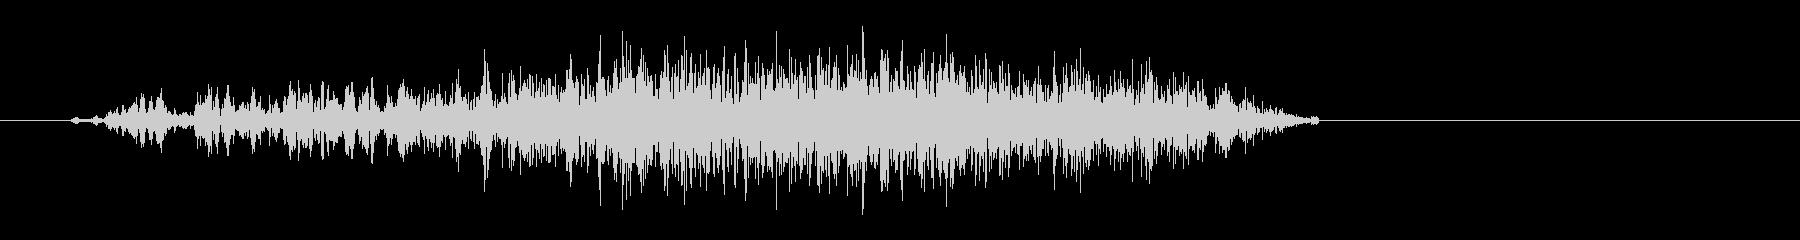 スッ(決定音、小さい摩擦音)の未再生の波形